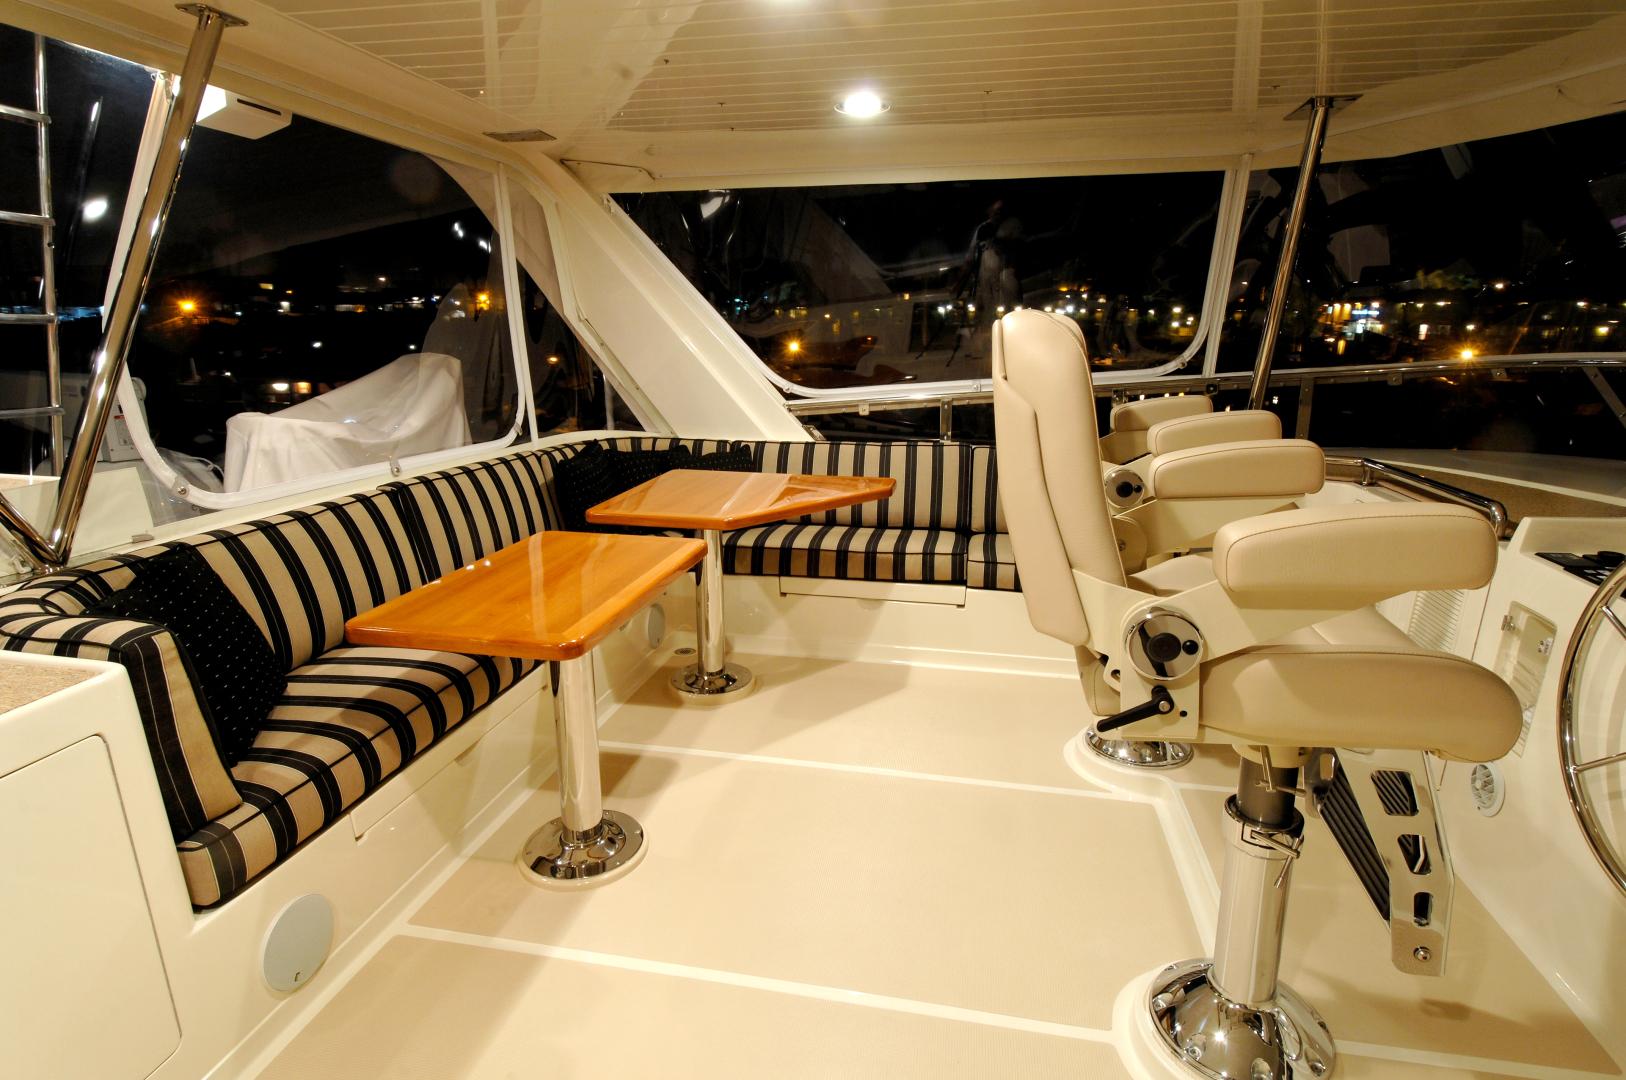 Offshore Yachts-76/80 Motoryacht 2020 -Florida-United States-1105524 | Thumbnail